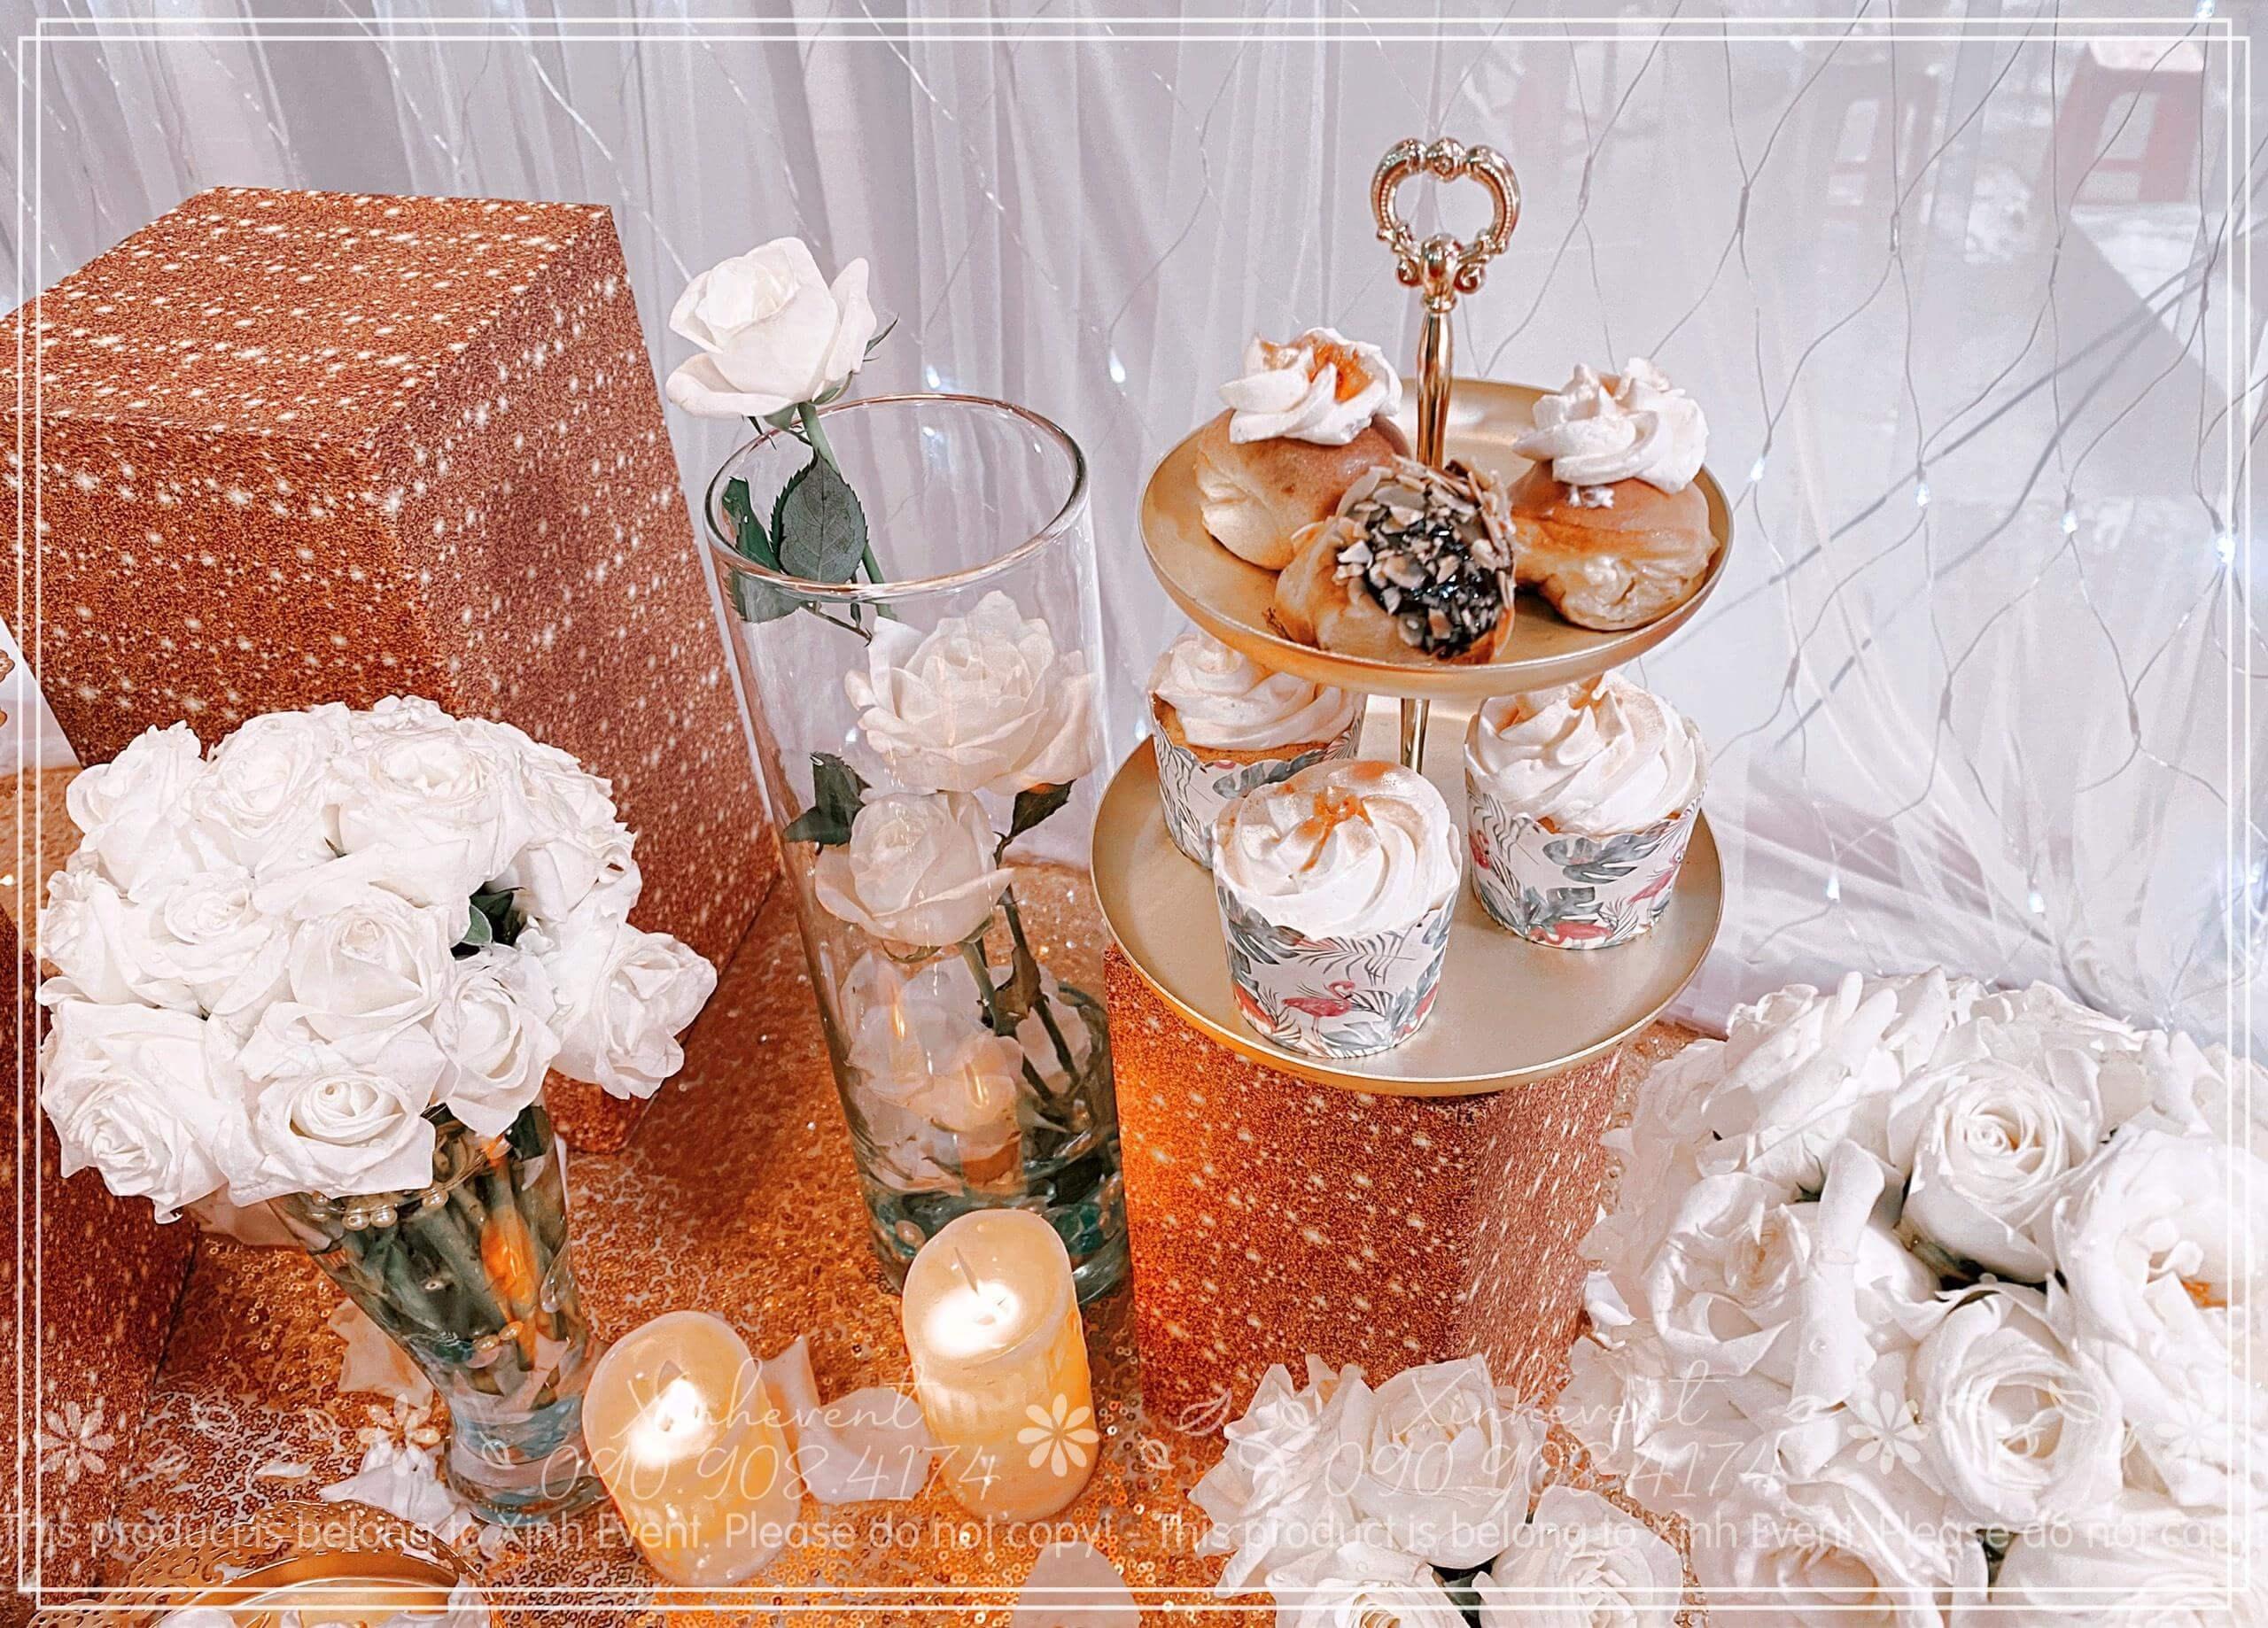 Lại là sự kết hợp tạo nên màu sắc hài hòa giữa bánh và hoa hồng